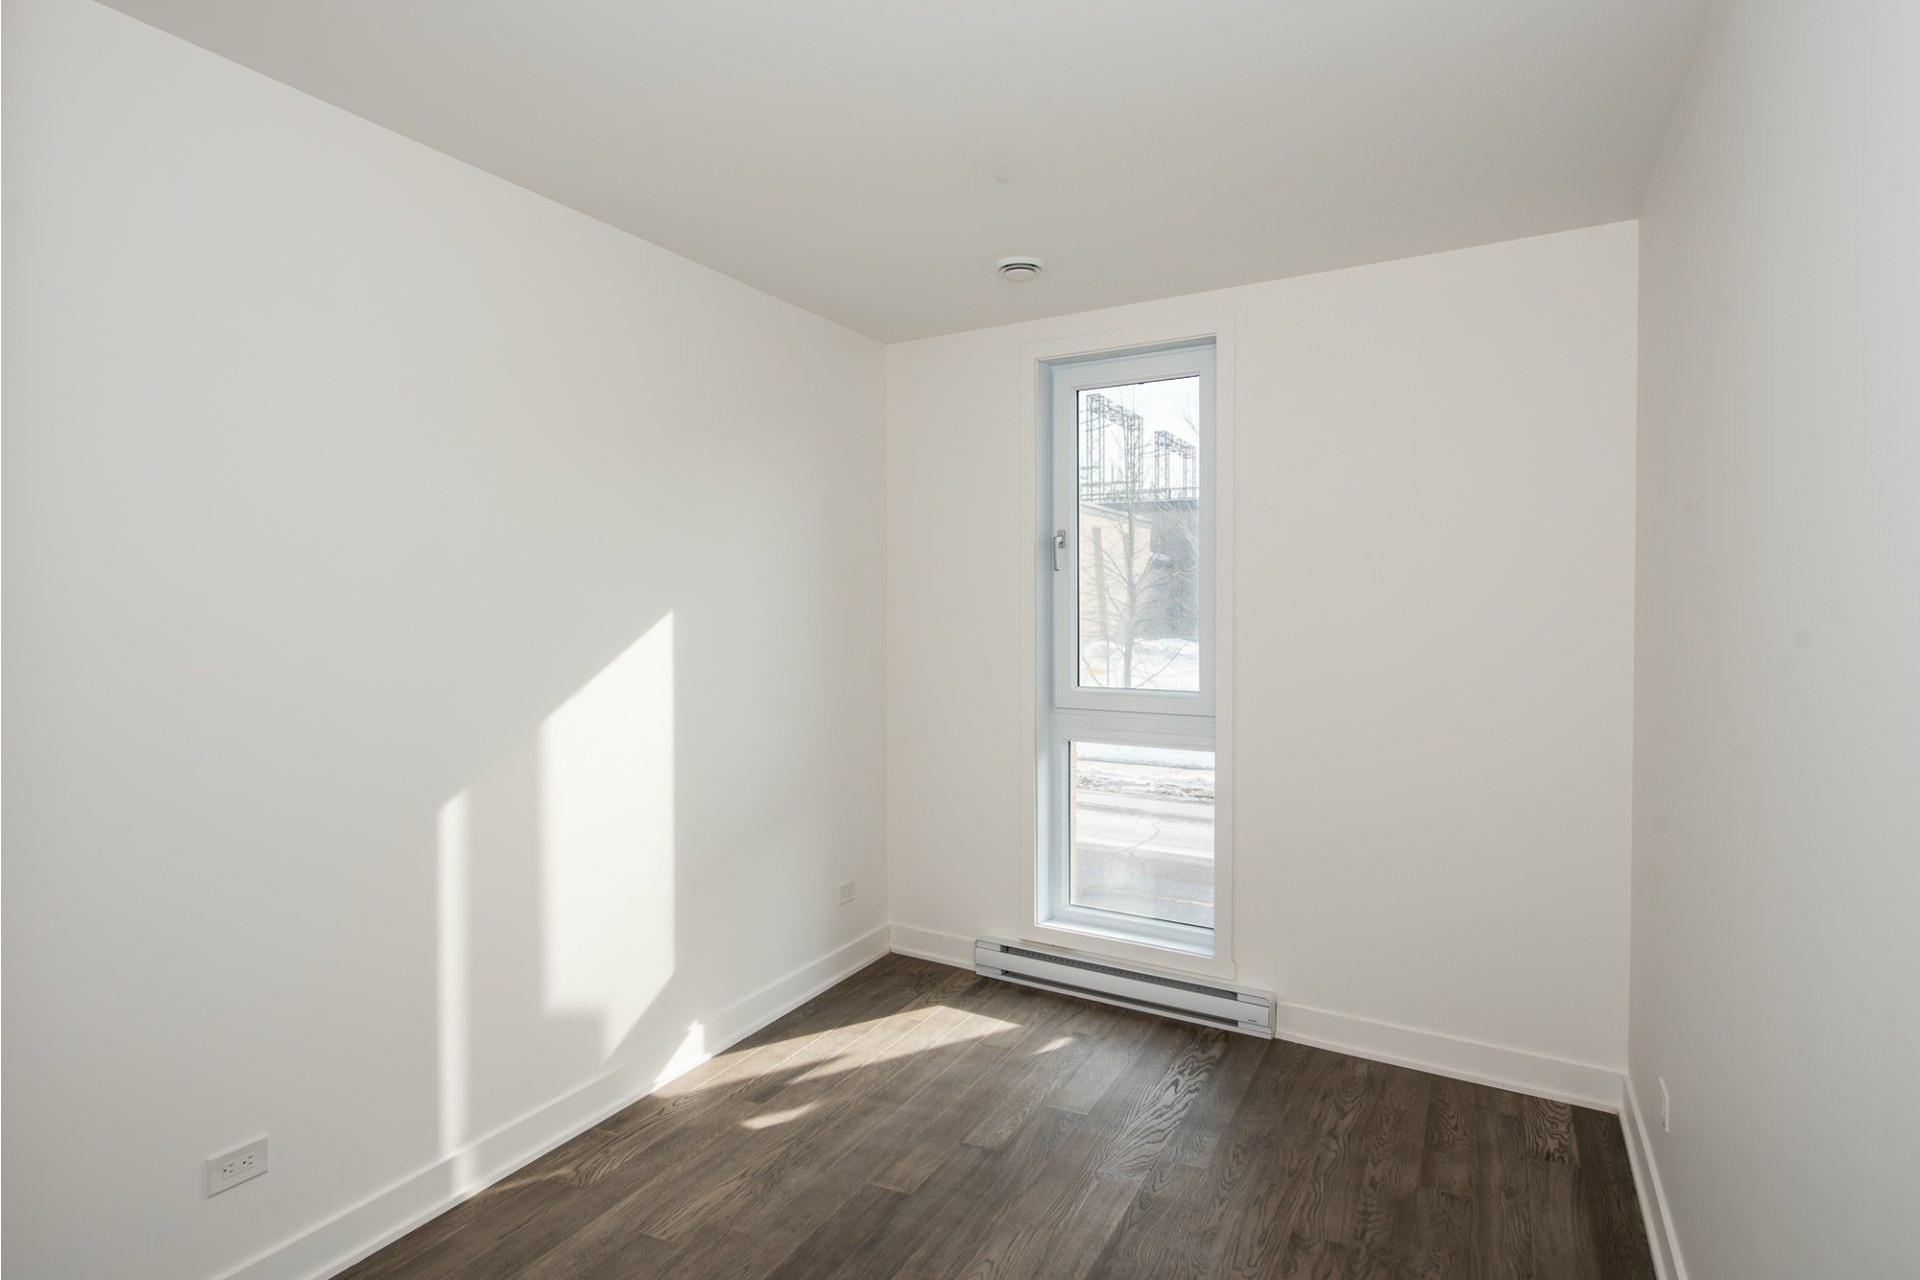 image 14 - Apartment For rent Villeray/Saint-Michel/Parc-Extension Montréal  - 5 rooms